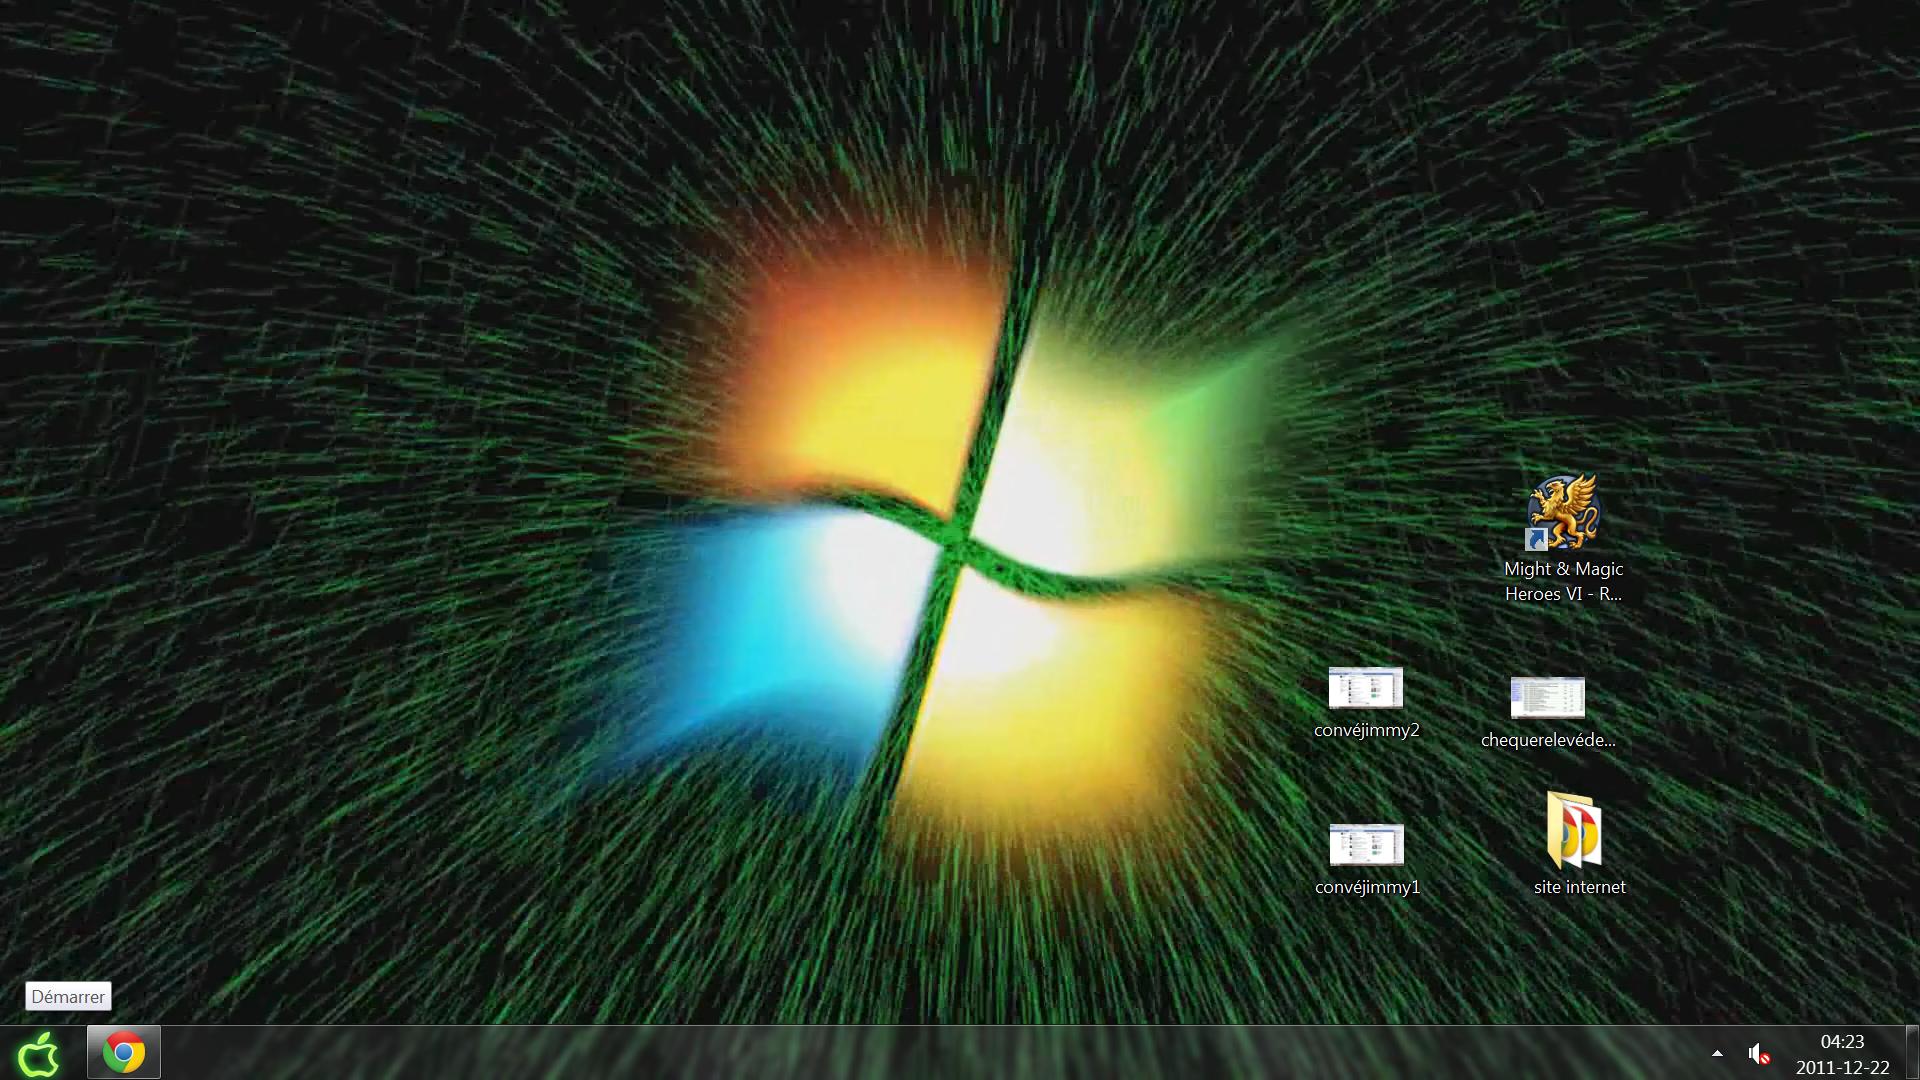 анимированные обои для windows 7 на рабочий стол бесплатно